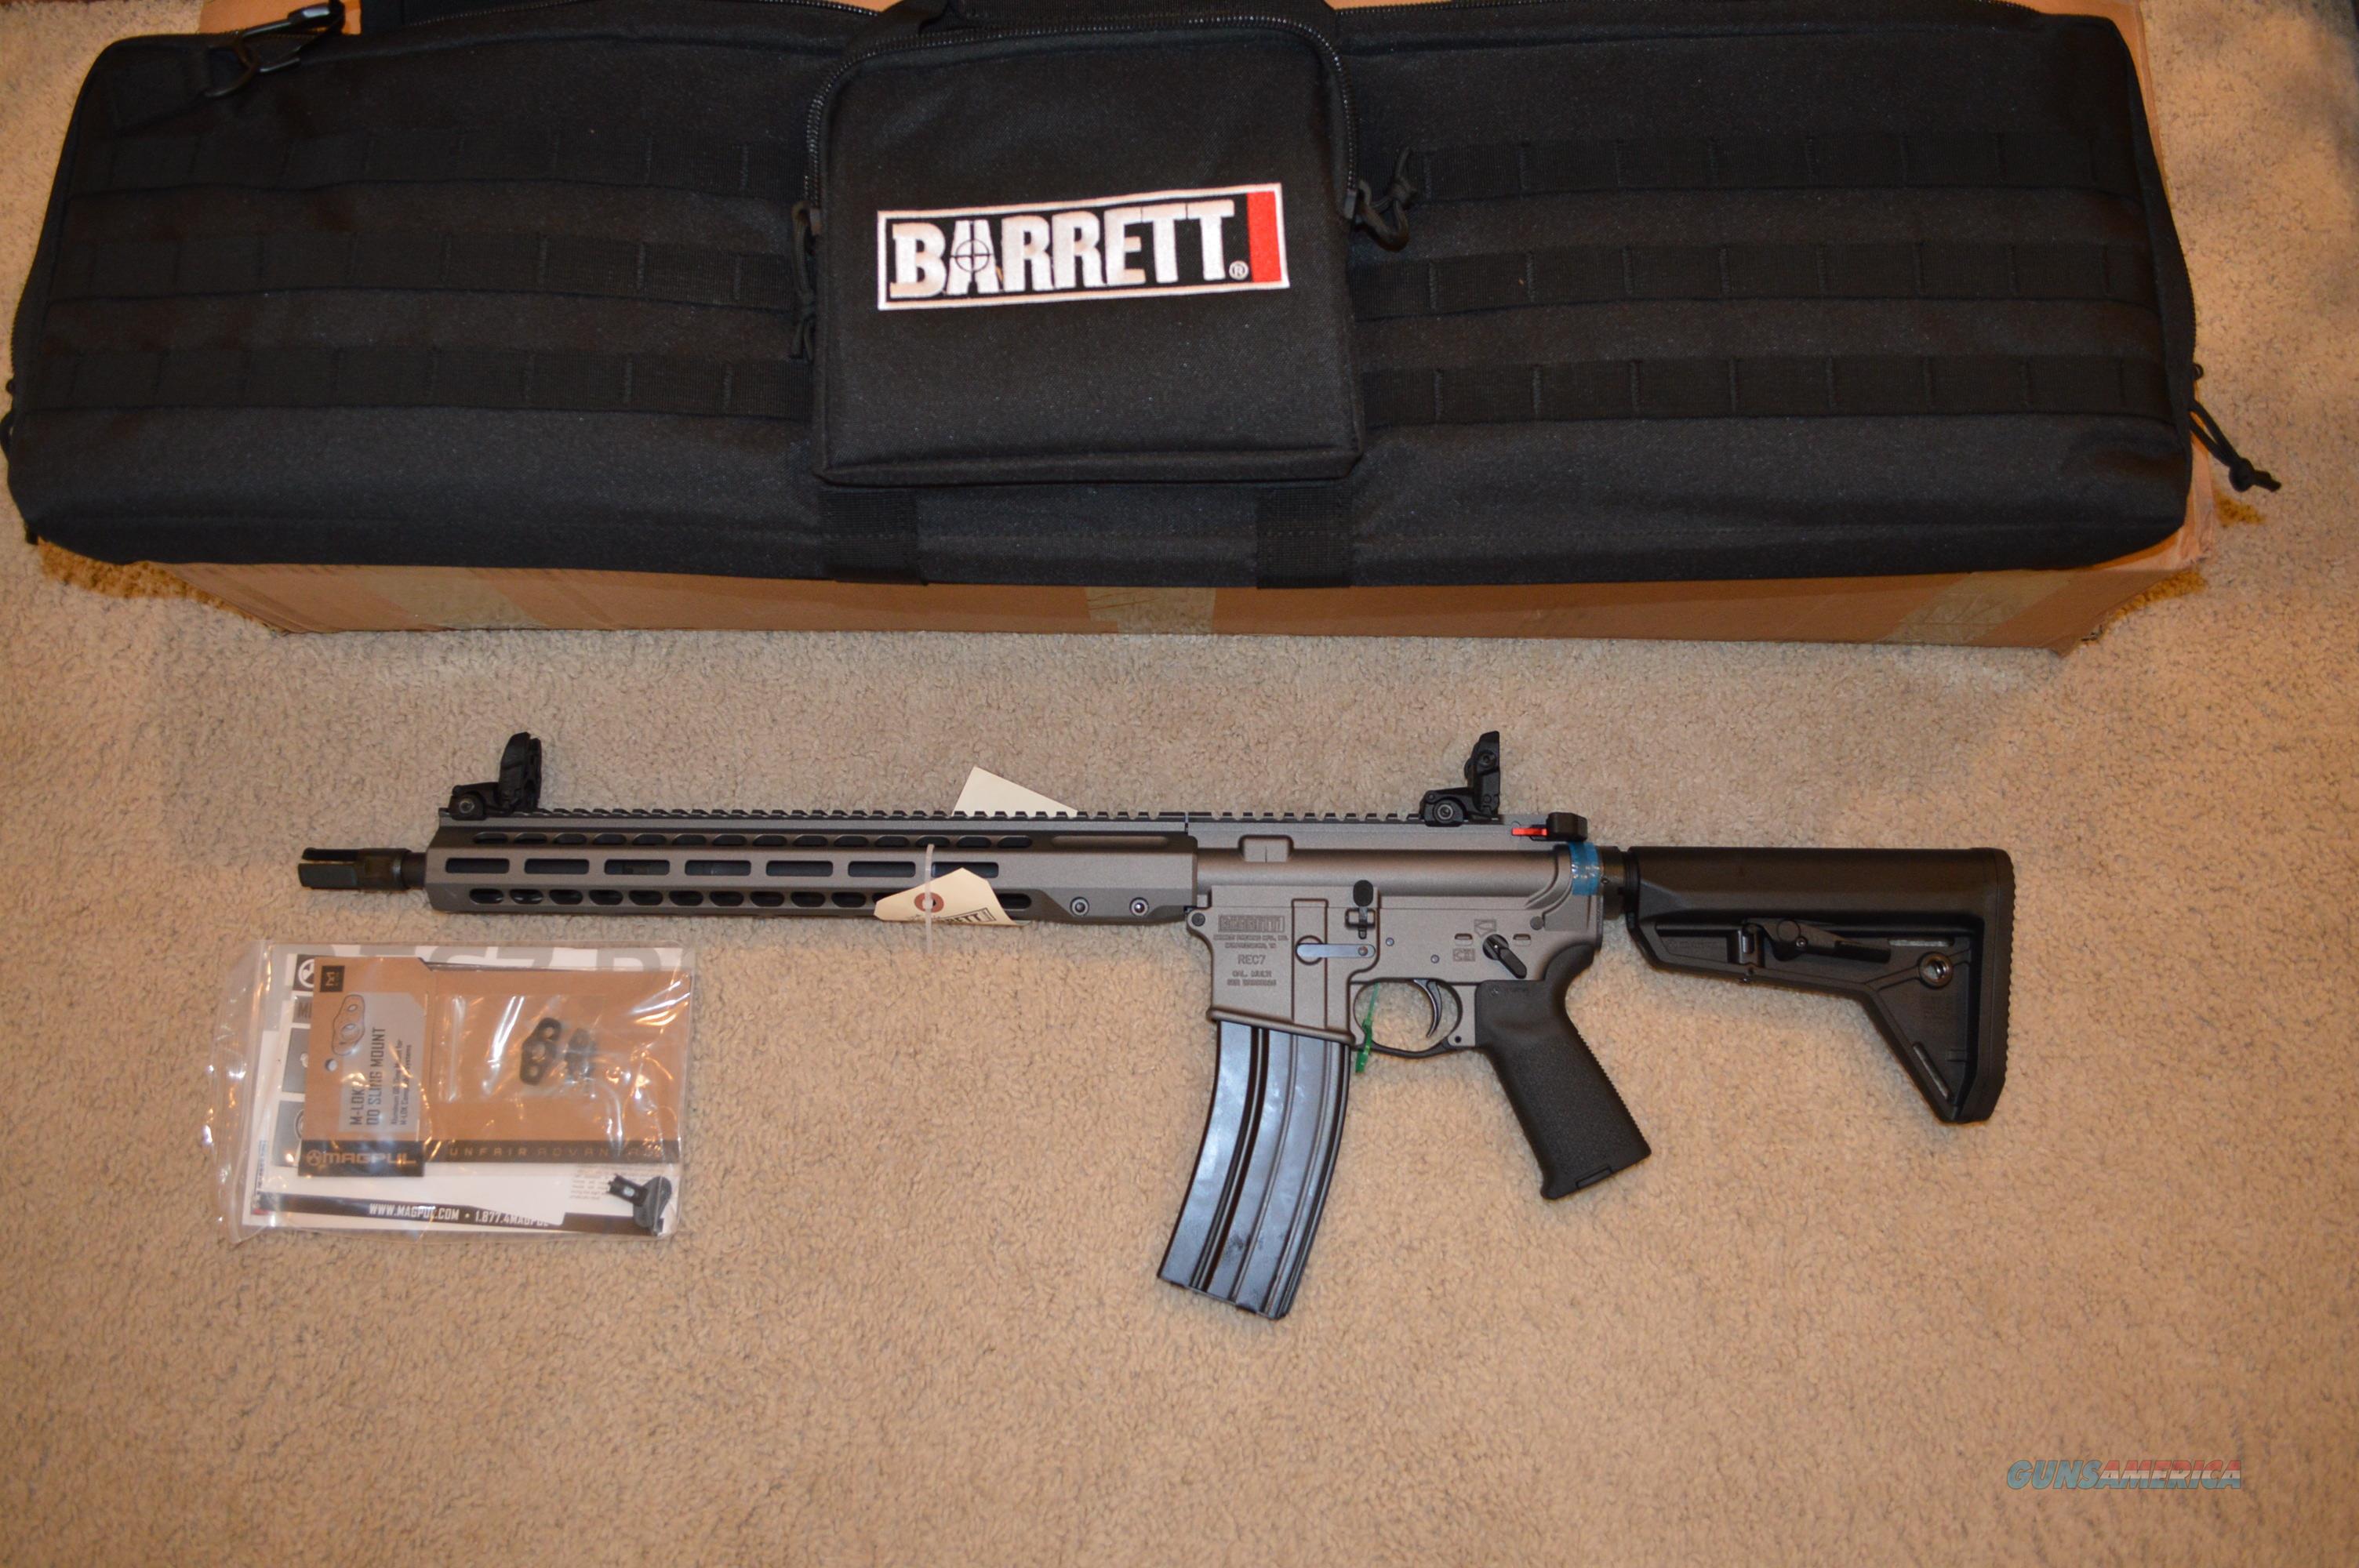 Barrett Rec7 DI 6.8 SPC  Guns > Rifles > Barrett Rifles